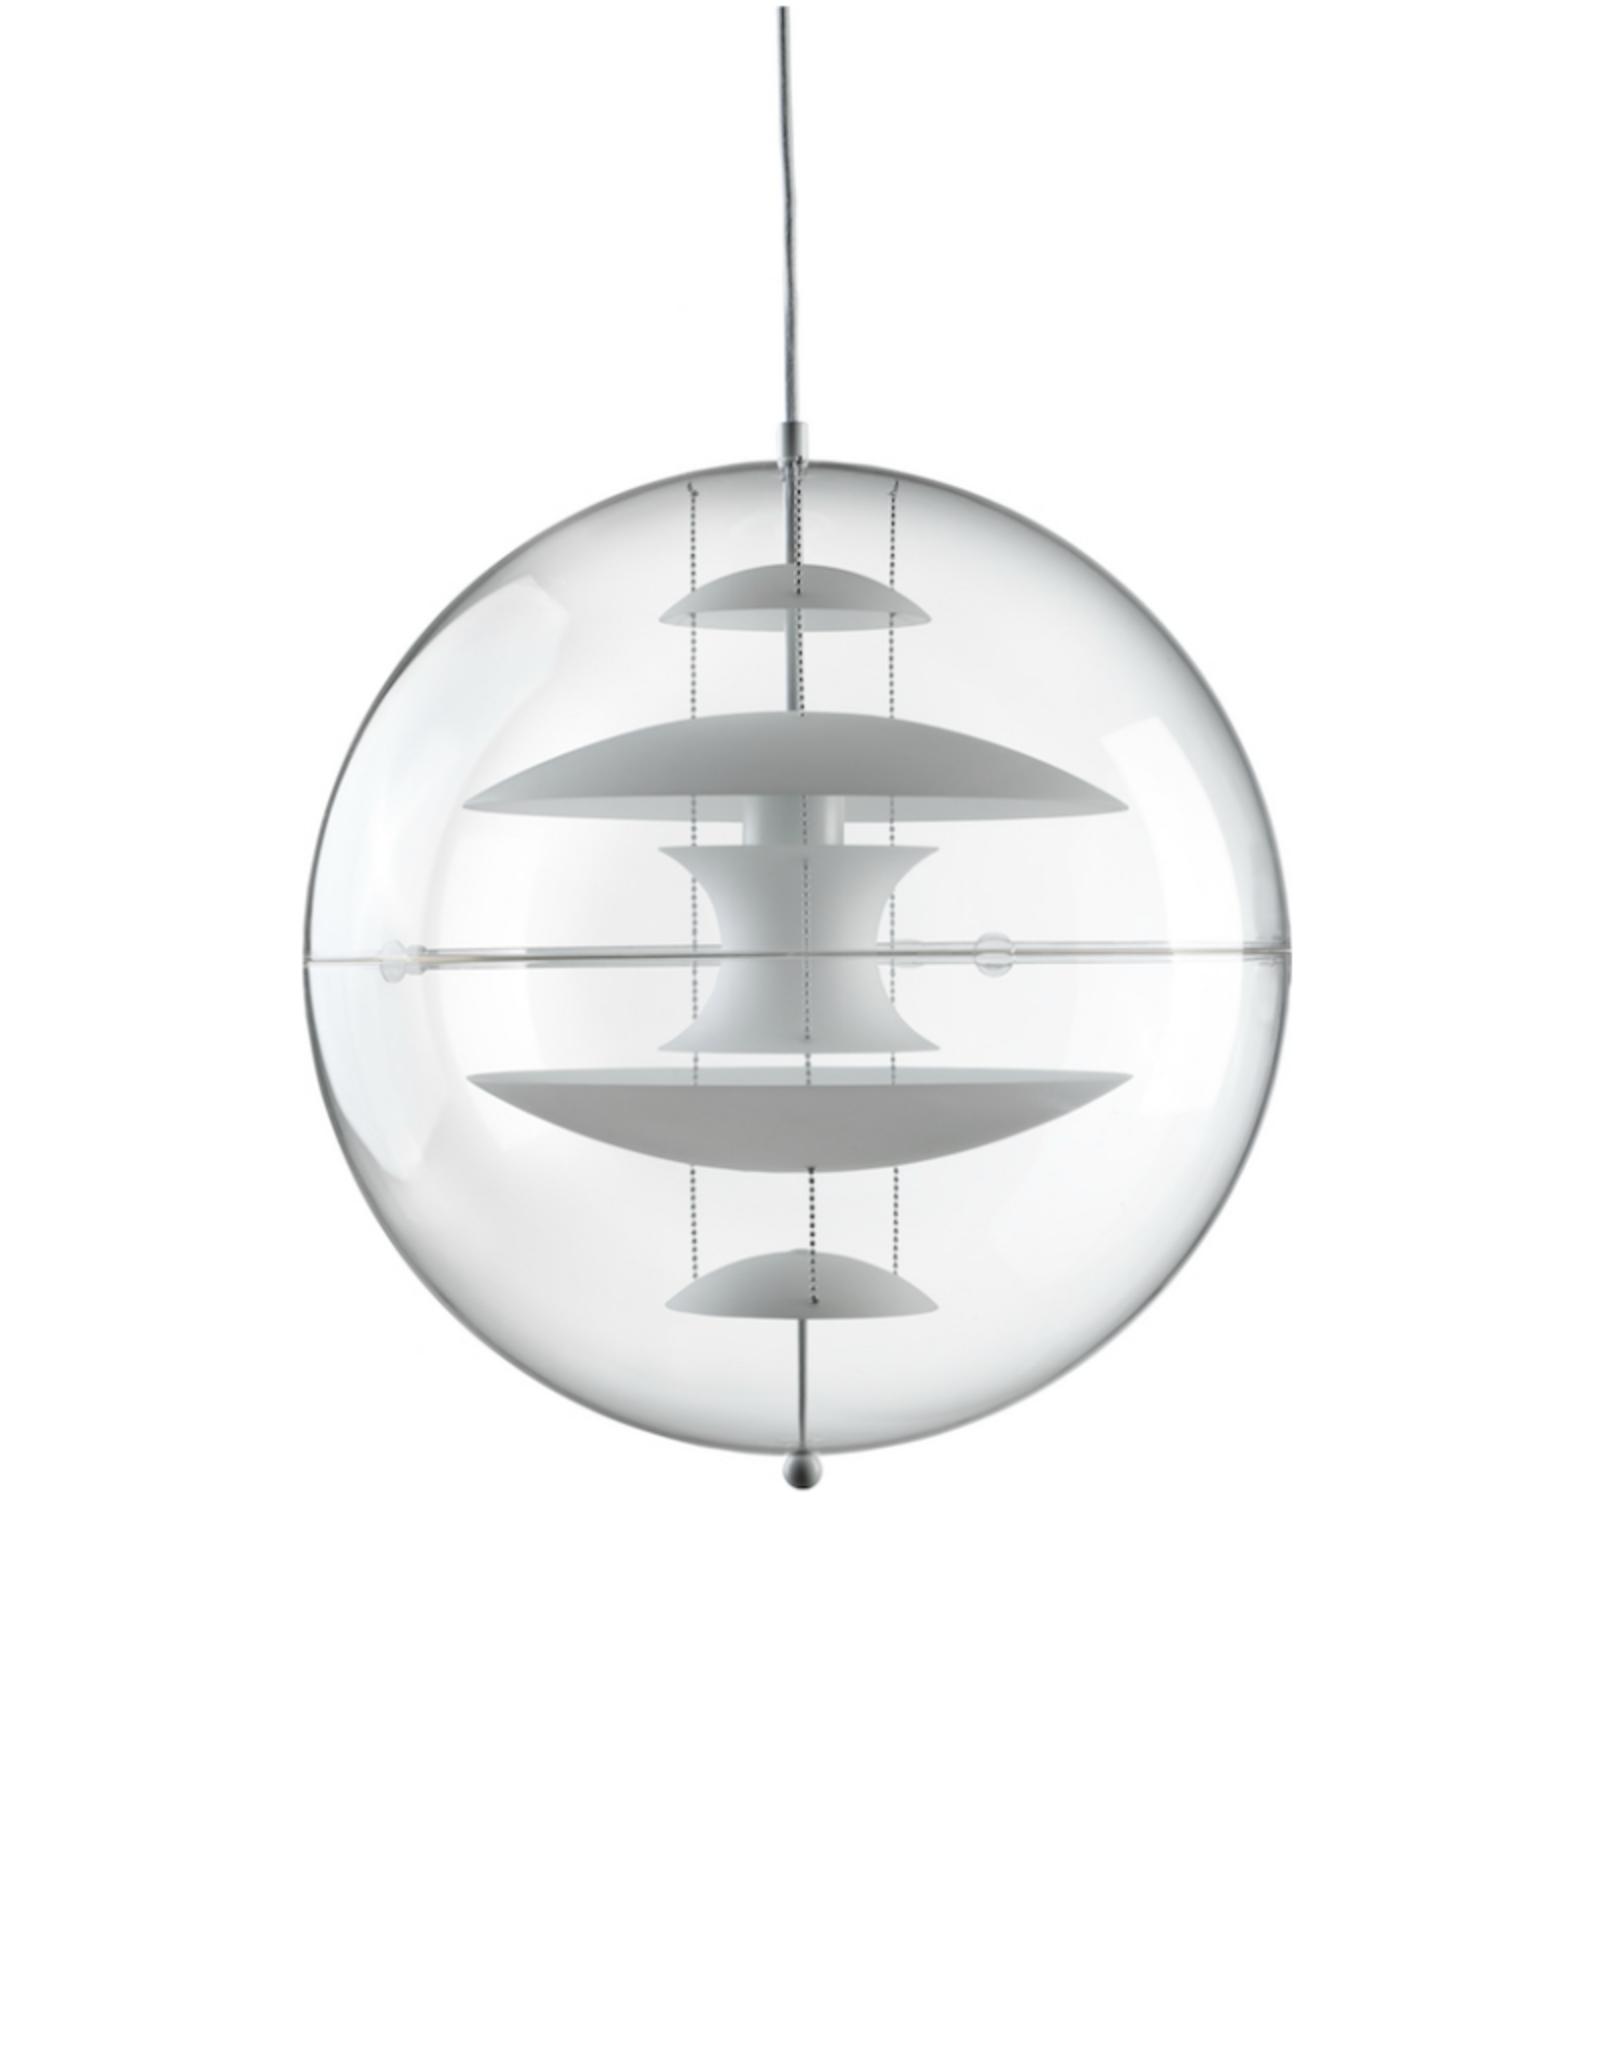 VP GLOBE GLASS 50 PENDANT LIGHT